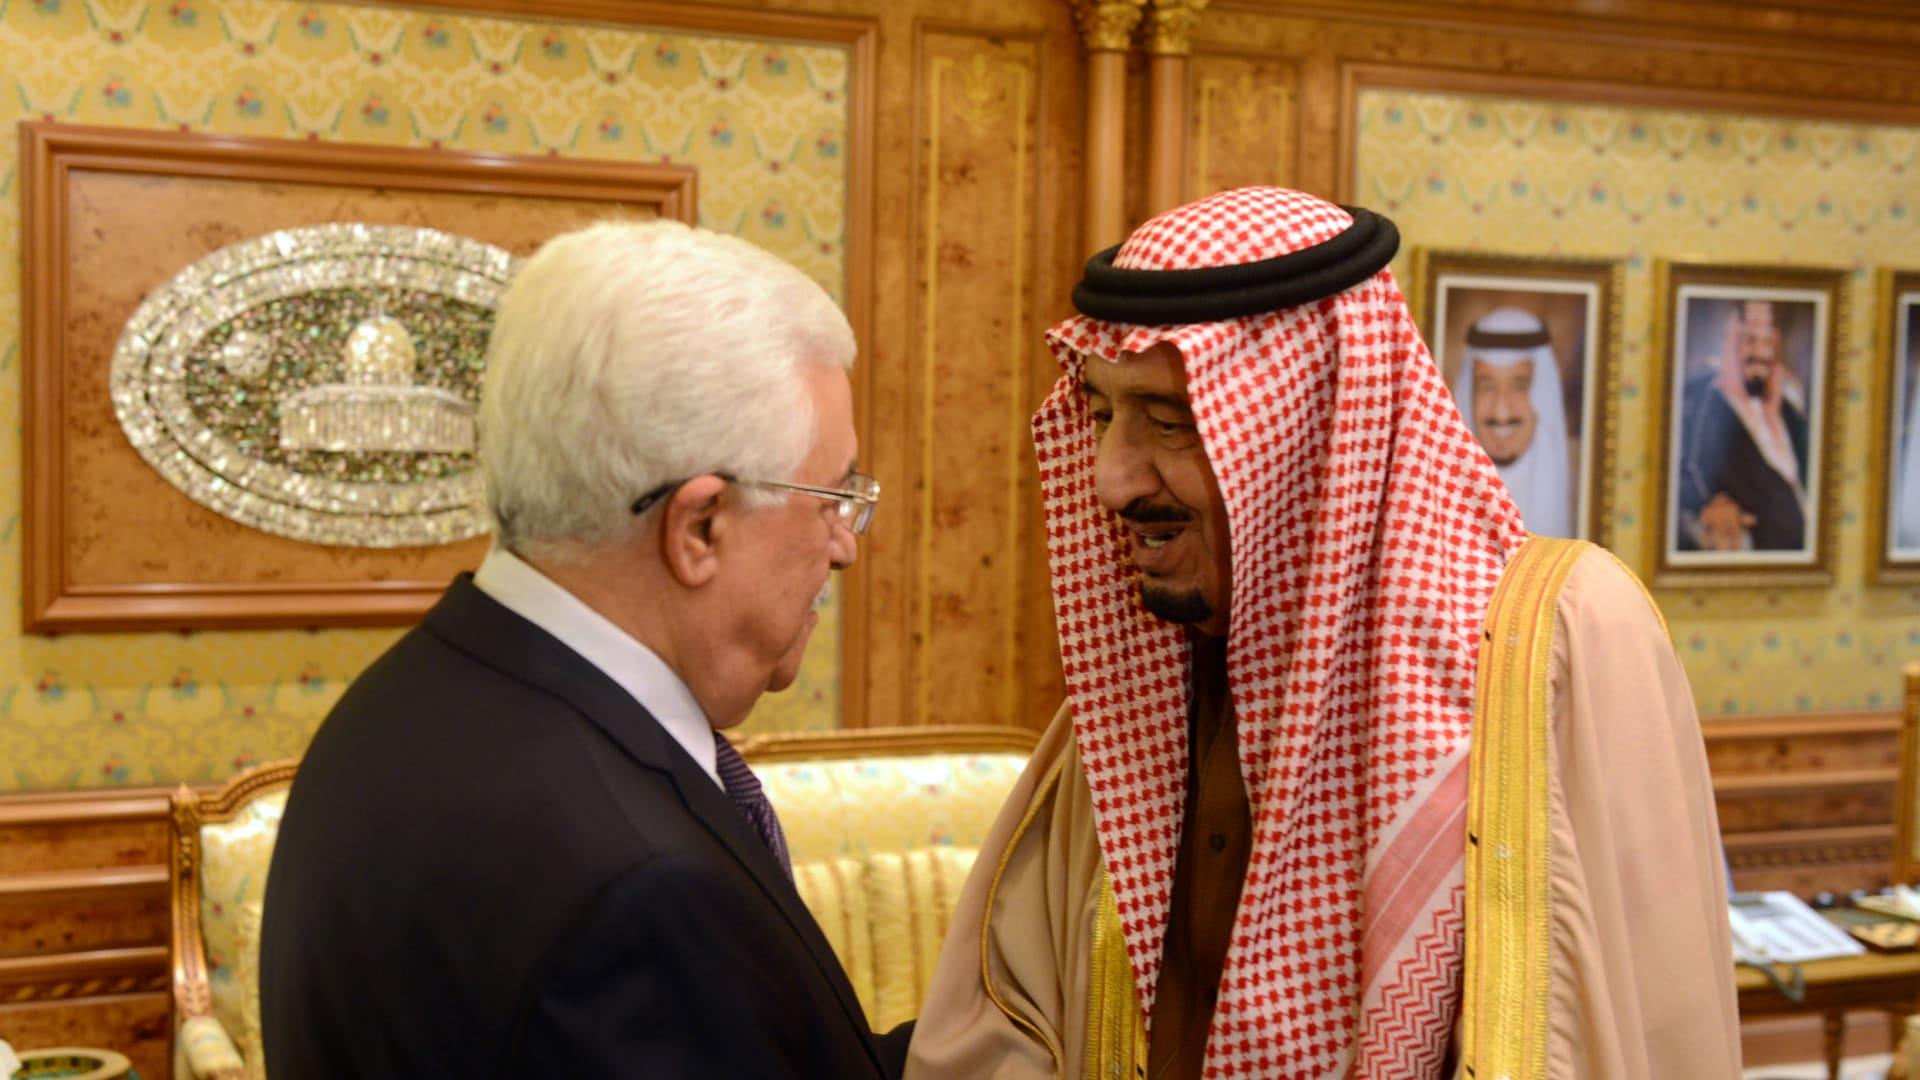 العاهل السعودي الملك سلمان بن عبدالعزيز مع رئيس السلطة الفلسطينية محمود عباس - صورة أرشيفية